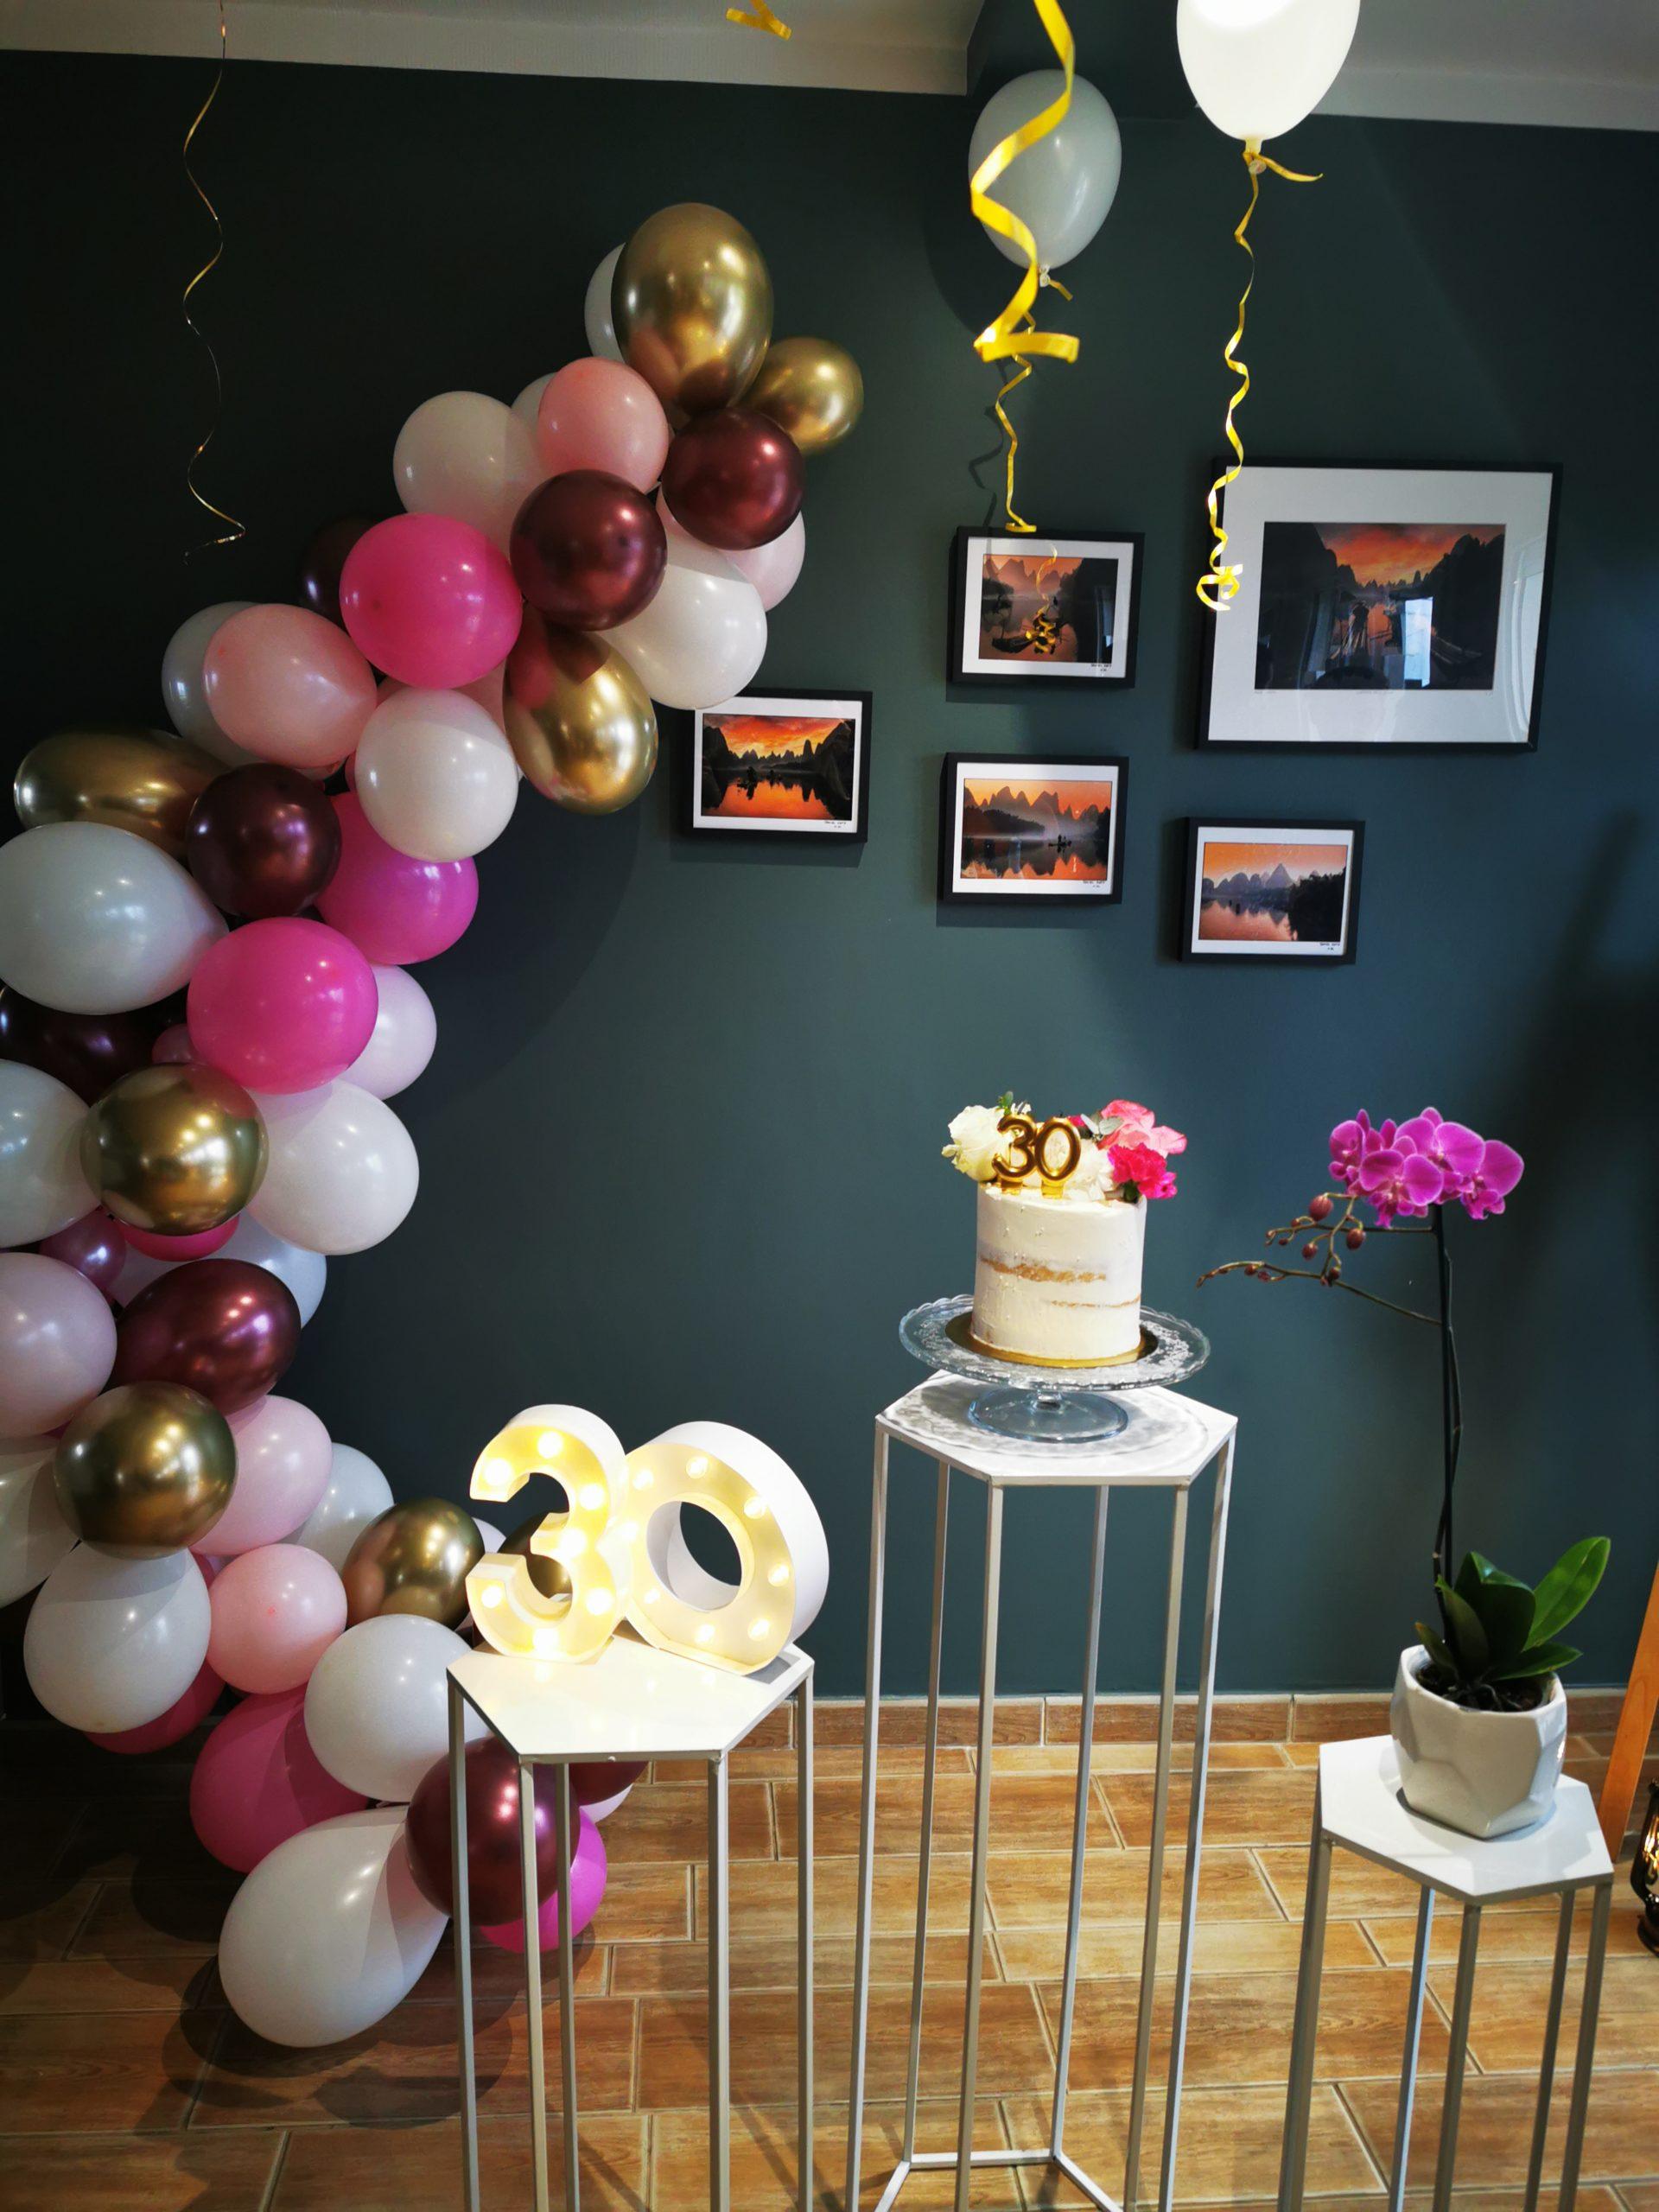 organisation anniversaire - 30 ans - event planner lyon les moments m